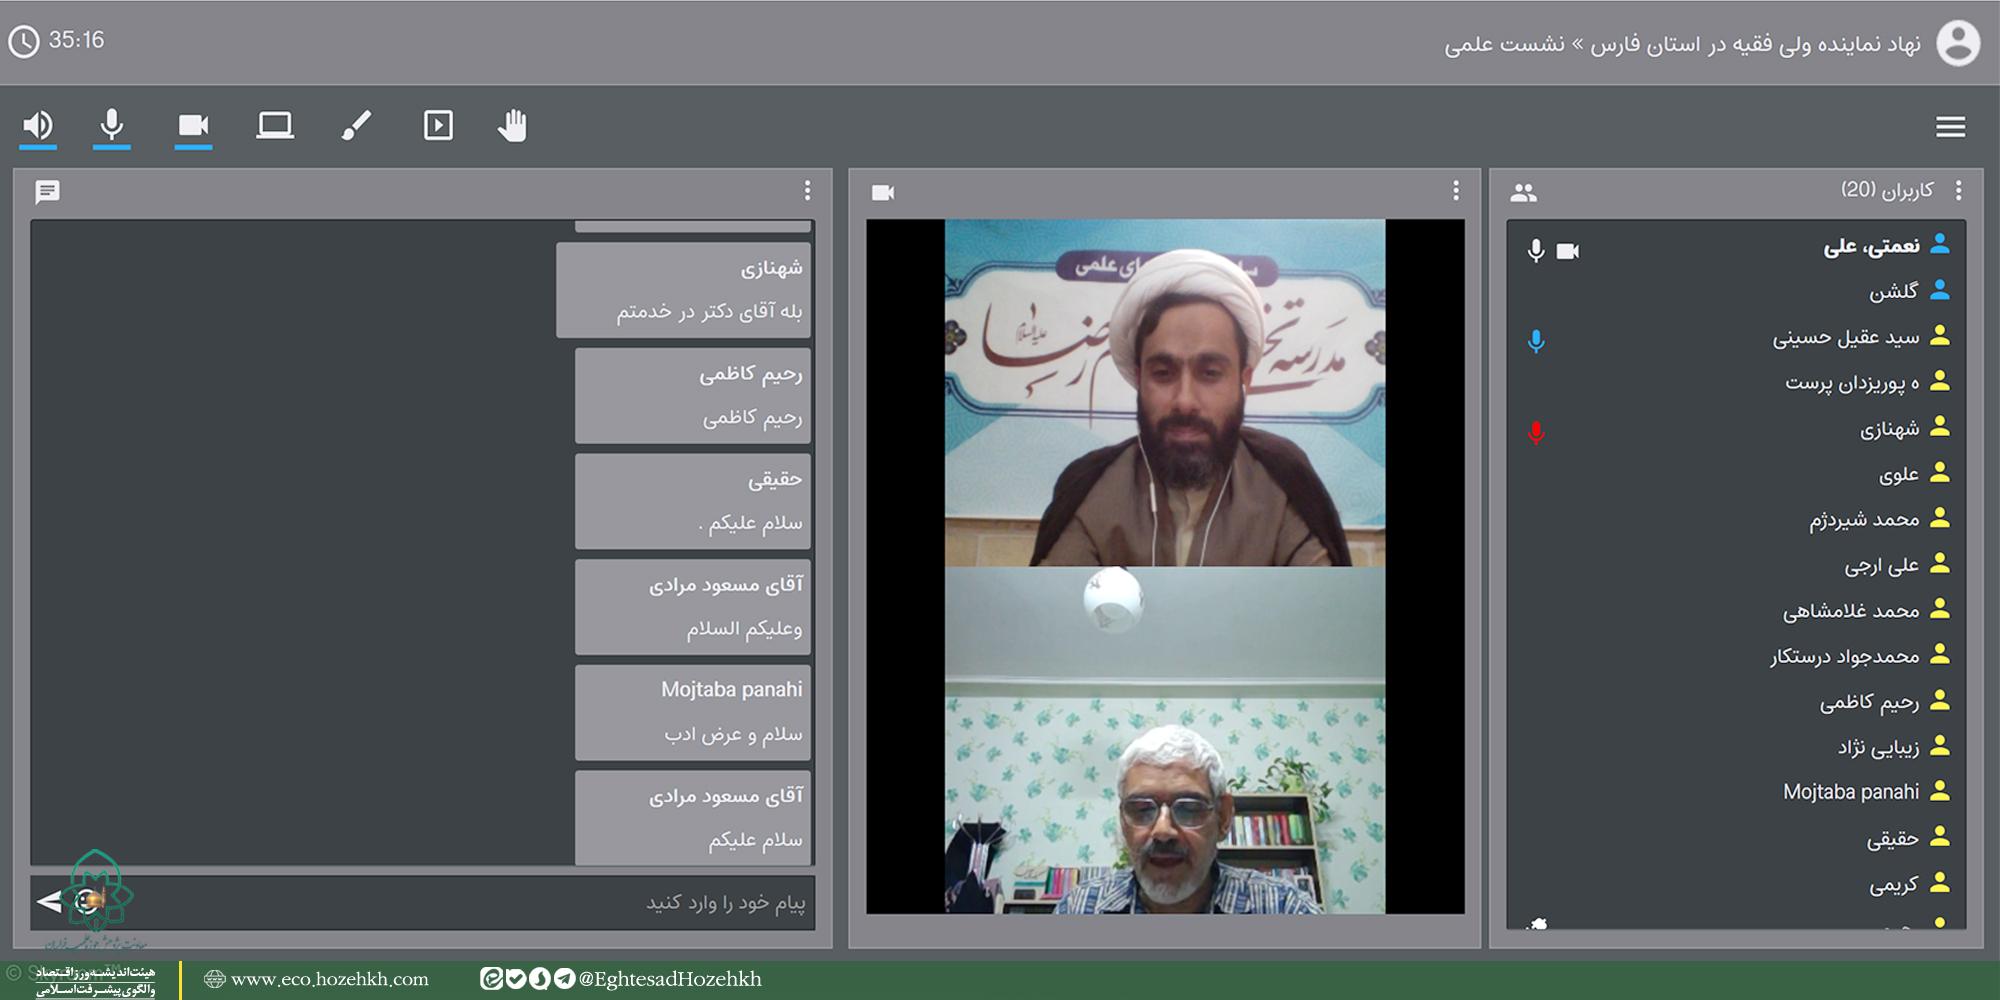 جلسه هماندیشی بیرامون چالشهای فقهی عرصه پول و بانک با اساتید دانشگاه و حوزه شیراز،